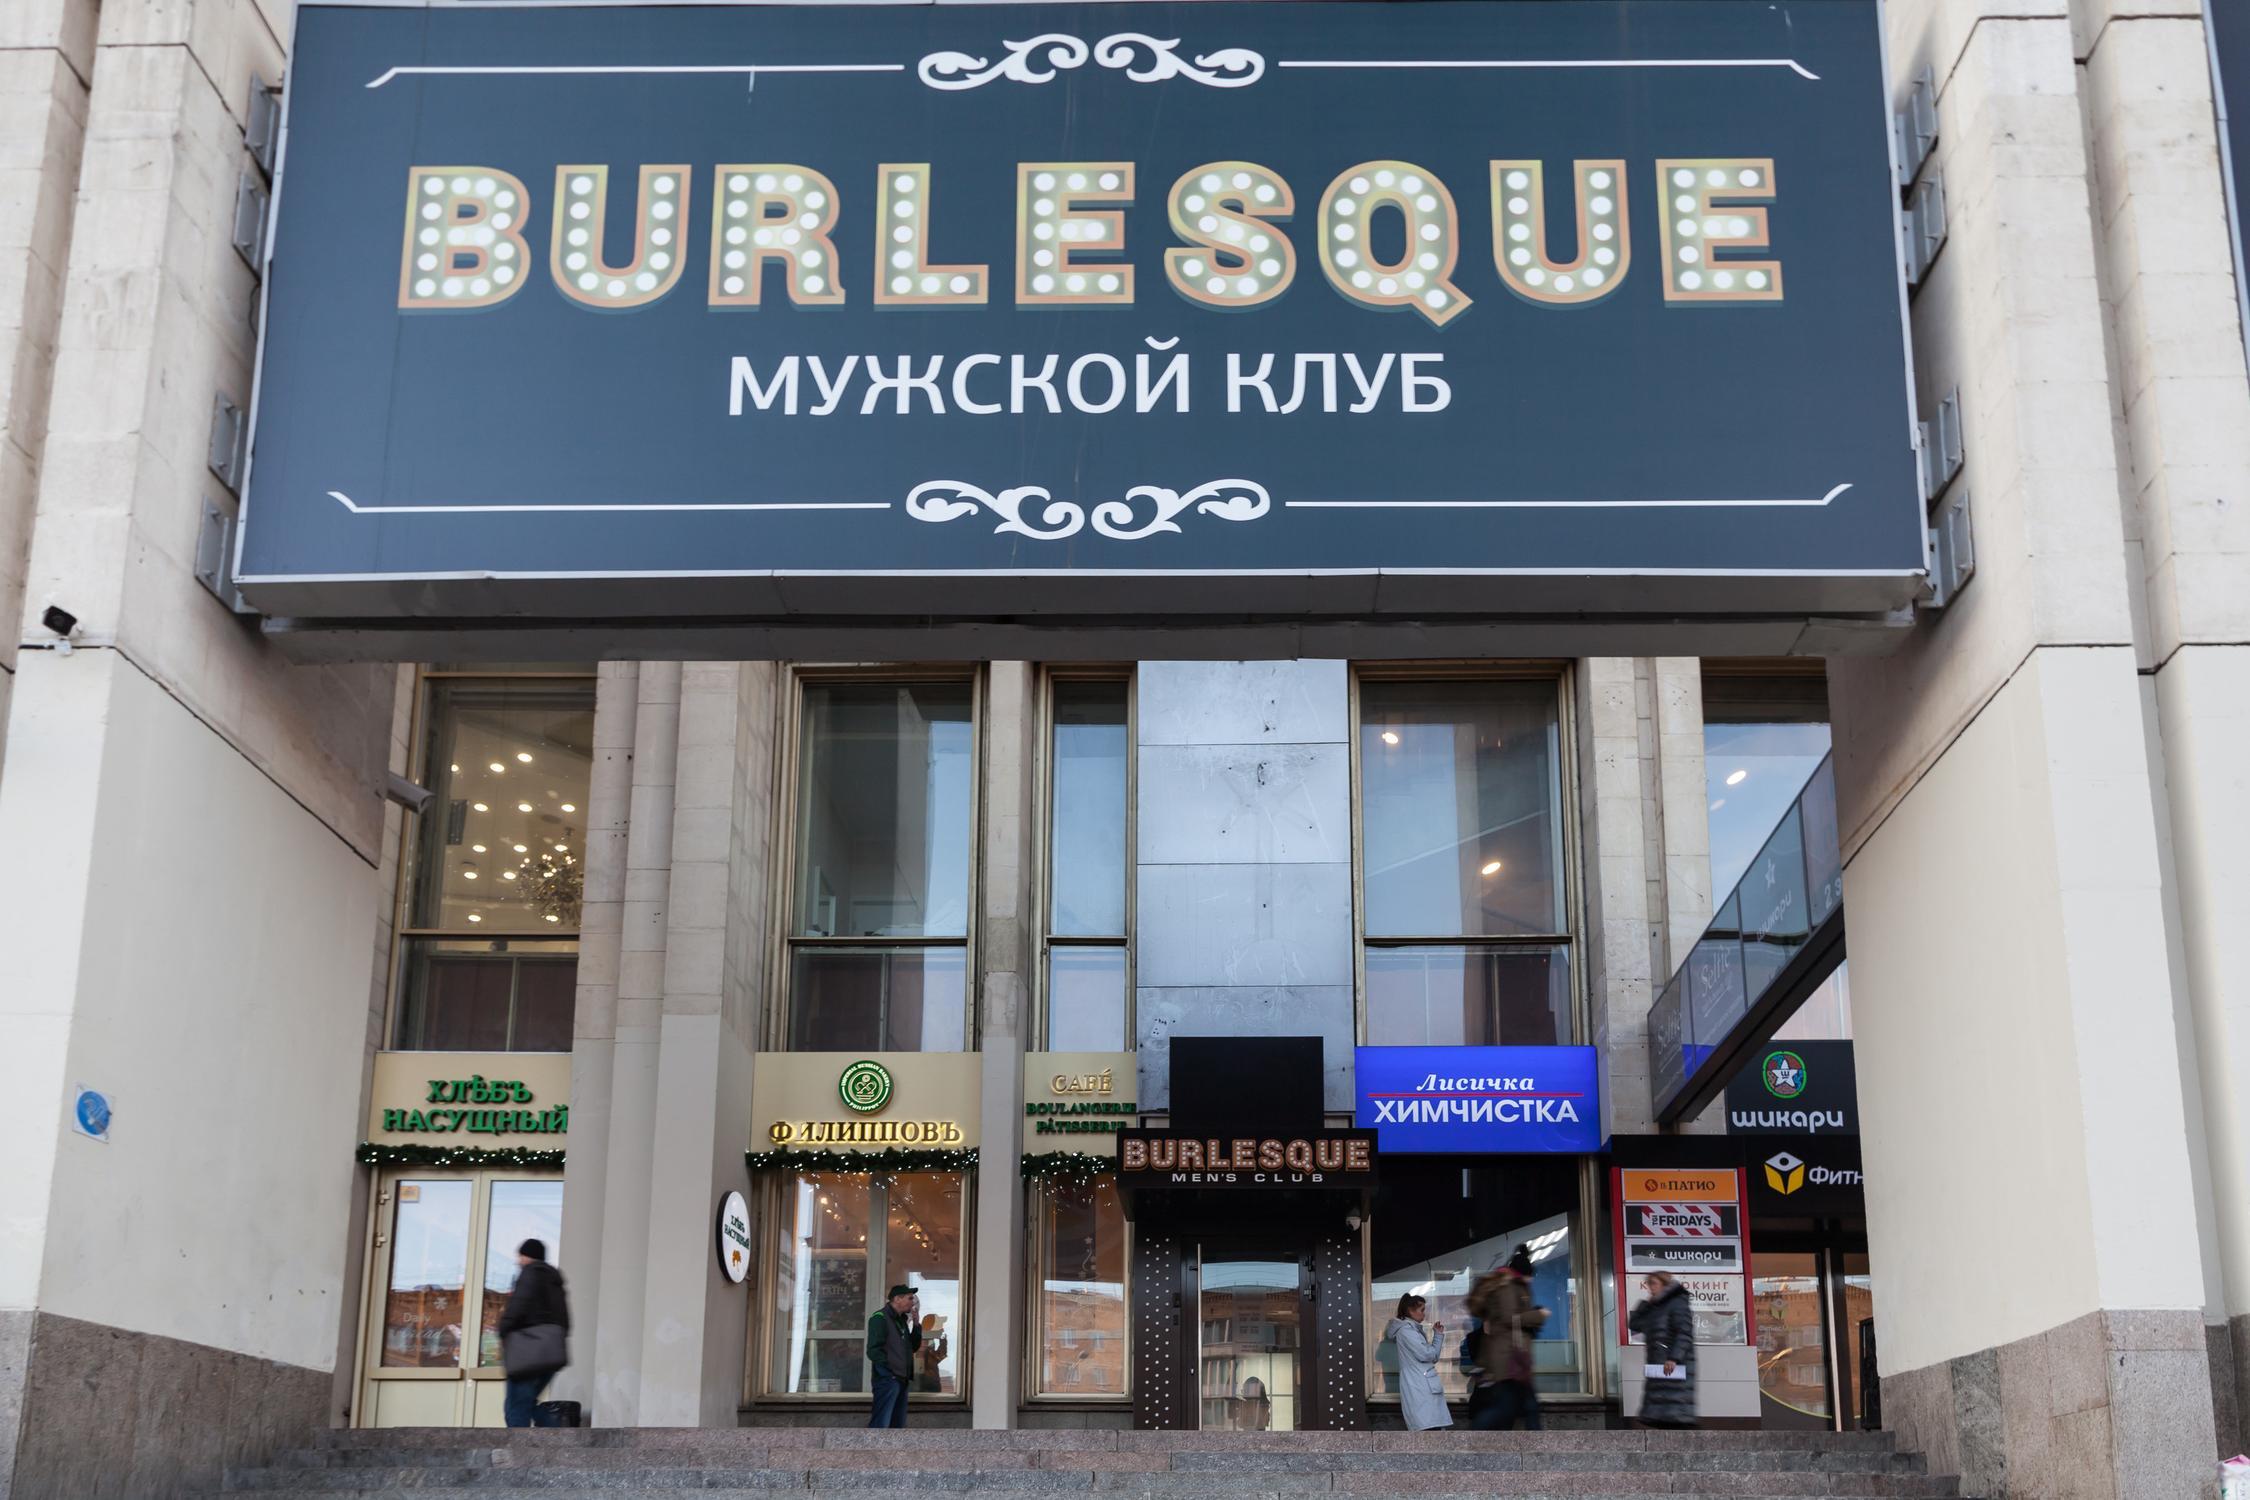 Мужской клуб бурлеск москва фото ночных клубов томск